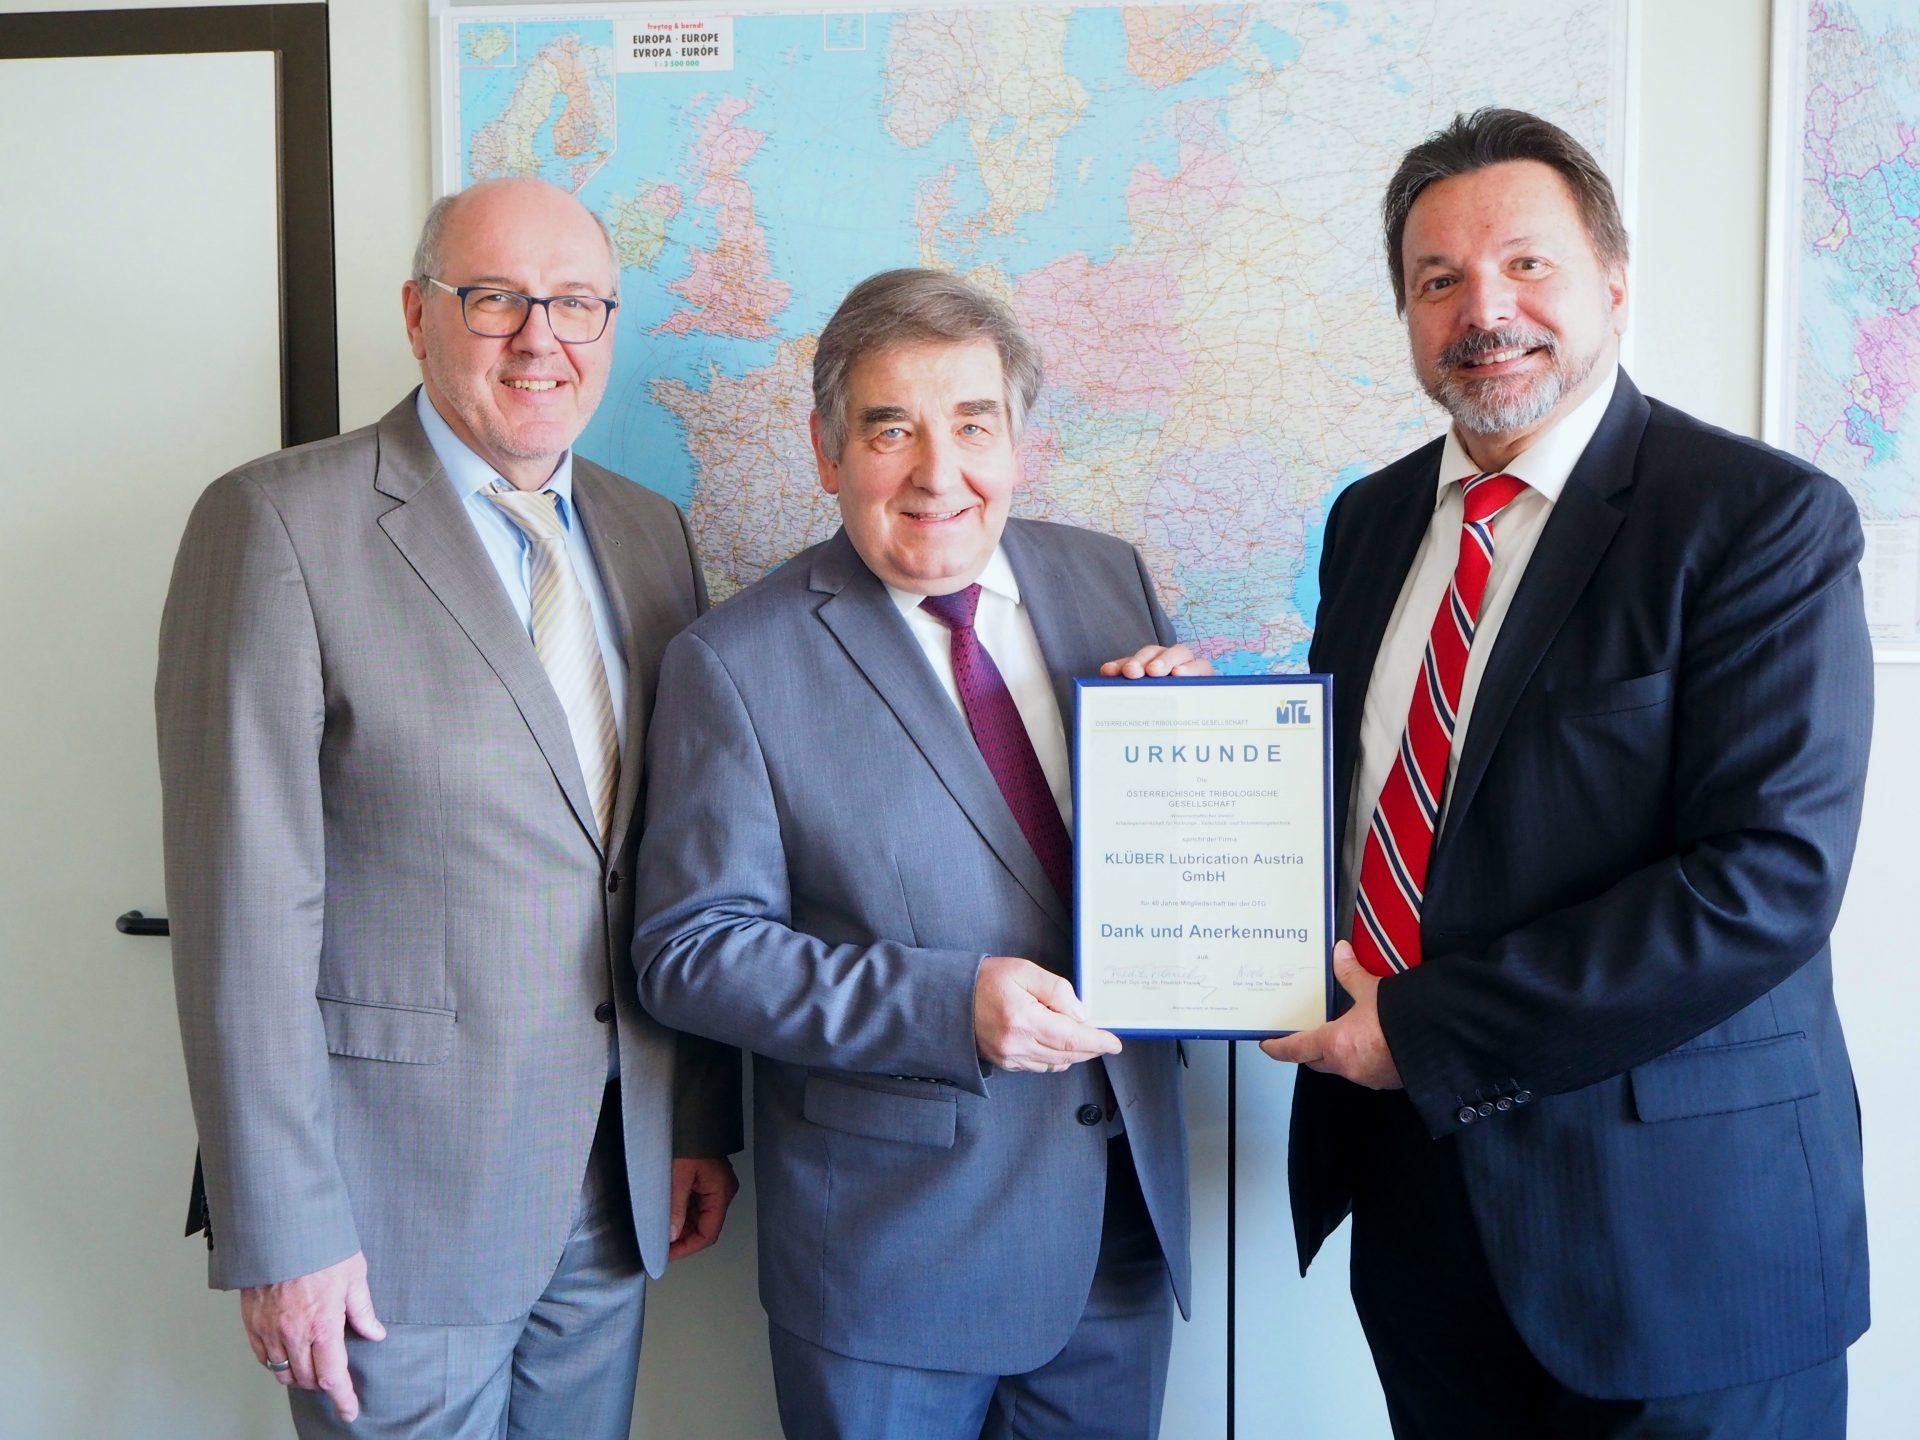 Ehrung für KLÜBER Lubrication Austria GmbH – 40 Jahre ÖTG-Mitglied